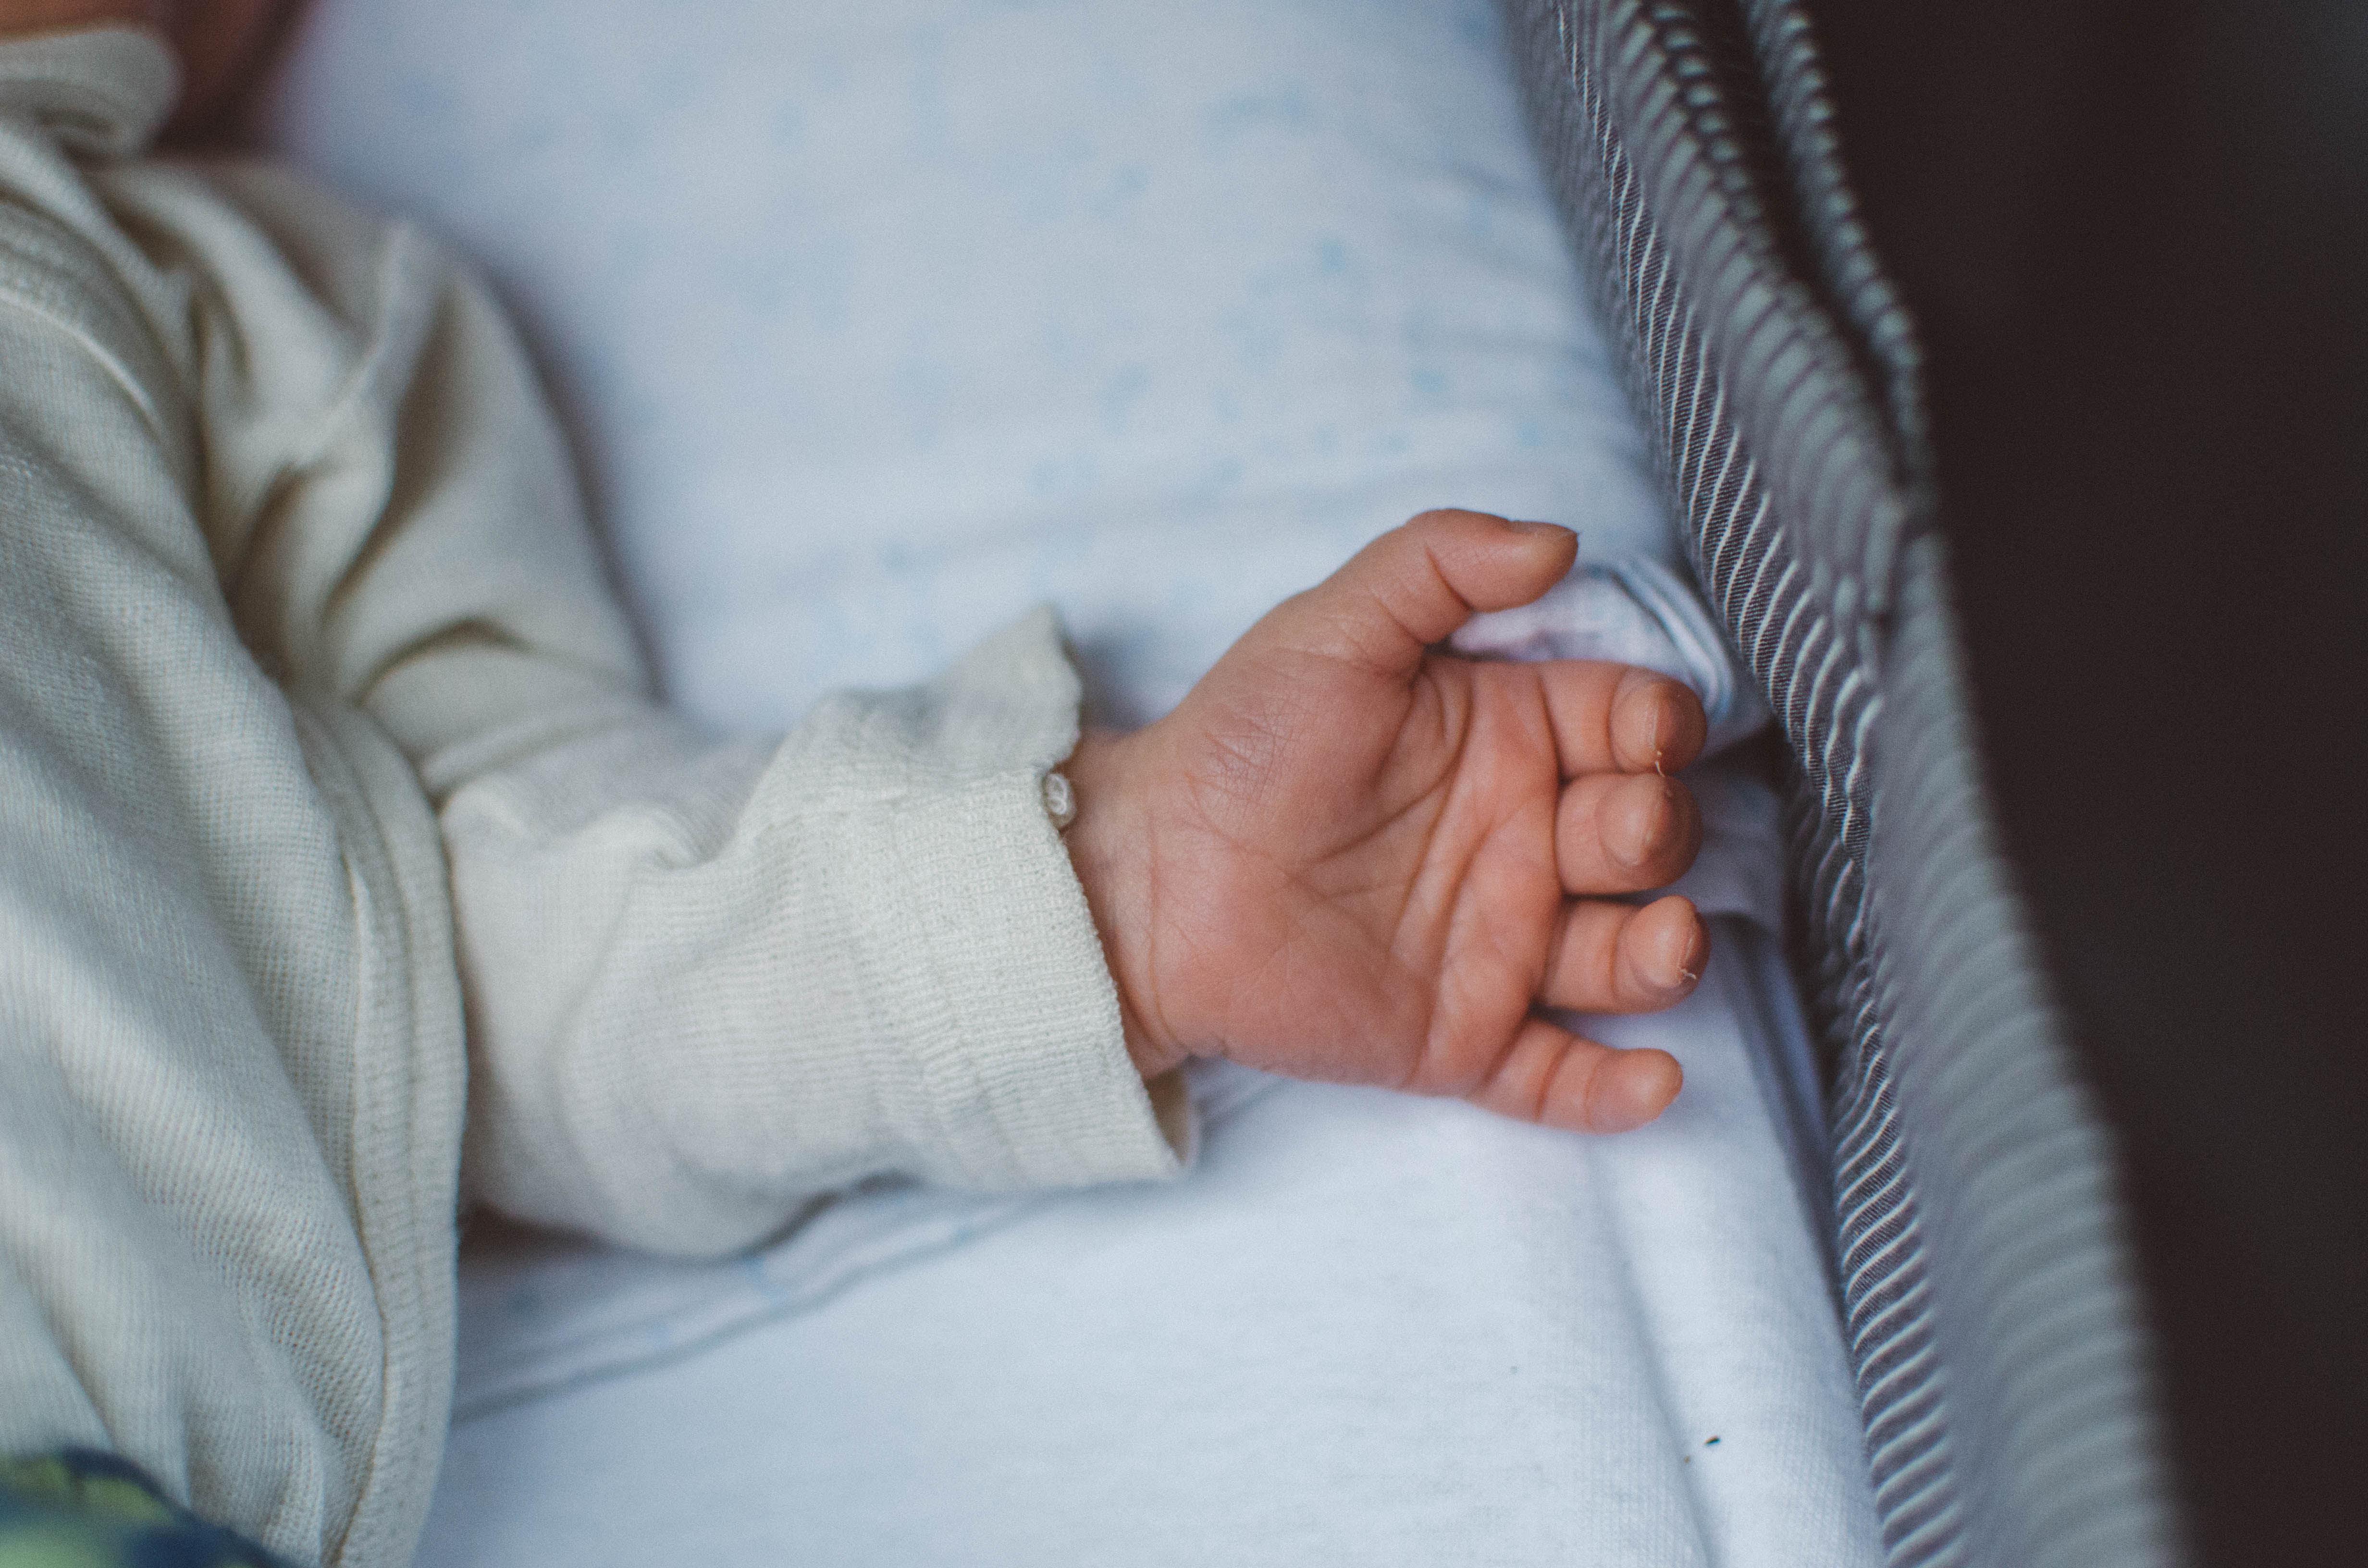 chenbett Fotoshooting Babyfotos Newborn Berlin DSC_8635